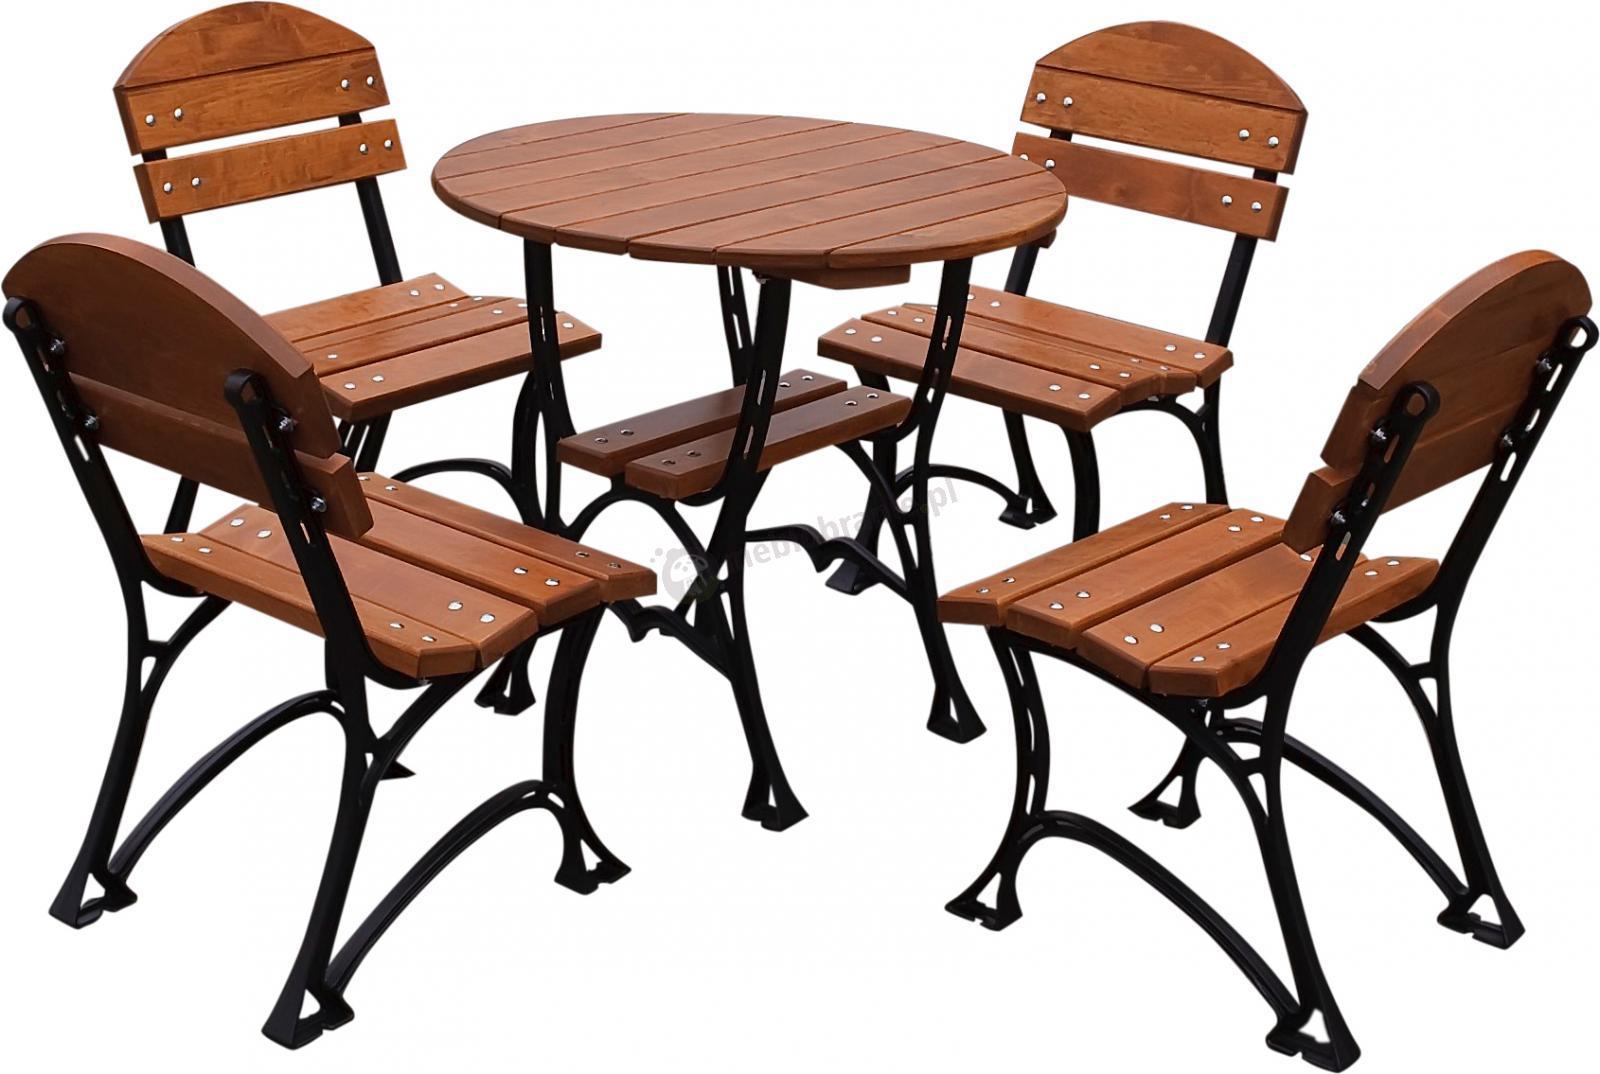 Meble Ogrodowe Piła Sklep Internetowy :  krzesłami Restor Deluxe 80cm  Meble ogrodowe  sklep internetowy